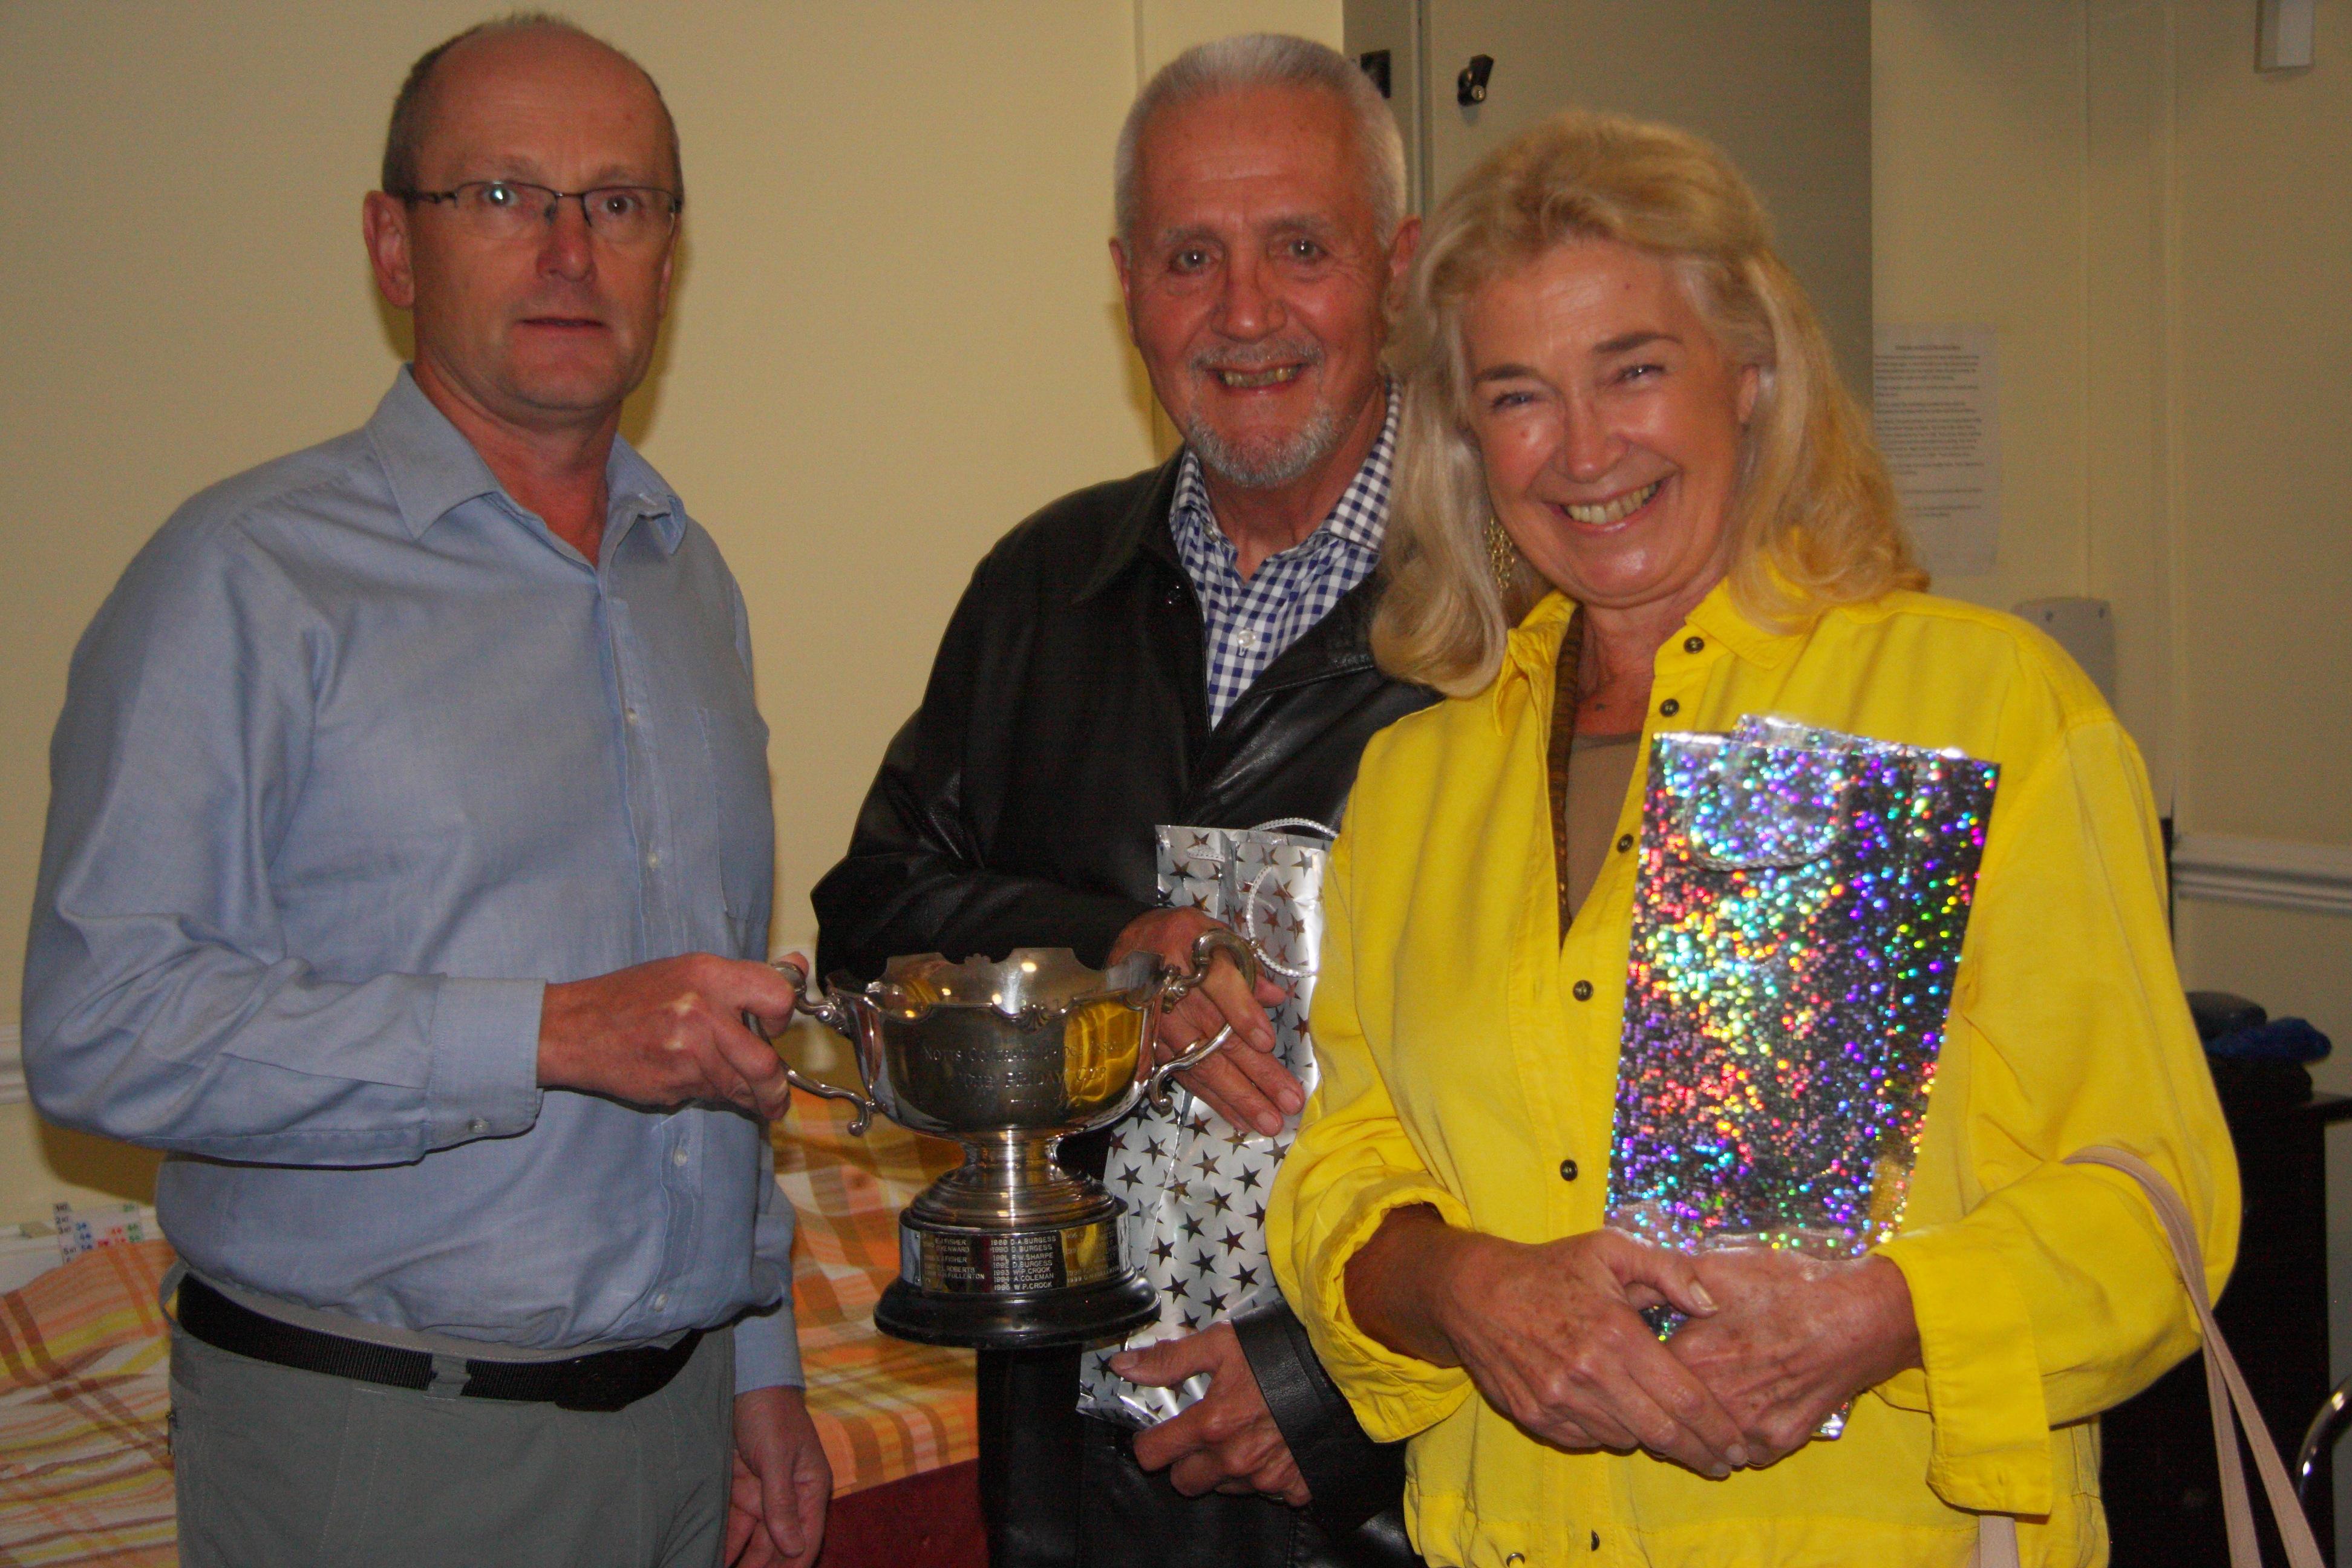 Keith, Bernard and Liz